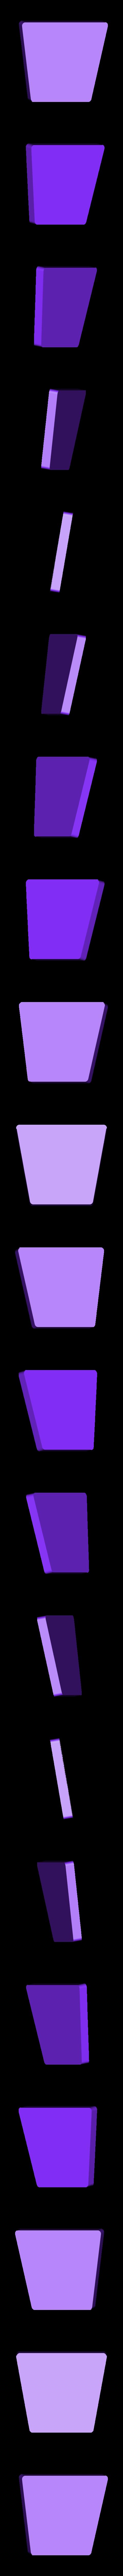 canopy v2 window pt4.stl Download free STL file TRANSFORMERS G1 ROTORSTORM ARTICULATION UPGRADE KIT • 3D printable design, sickofyou